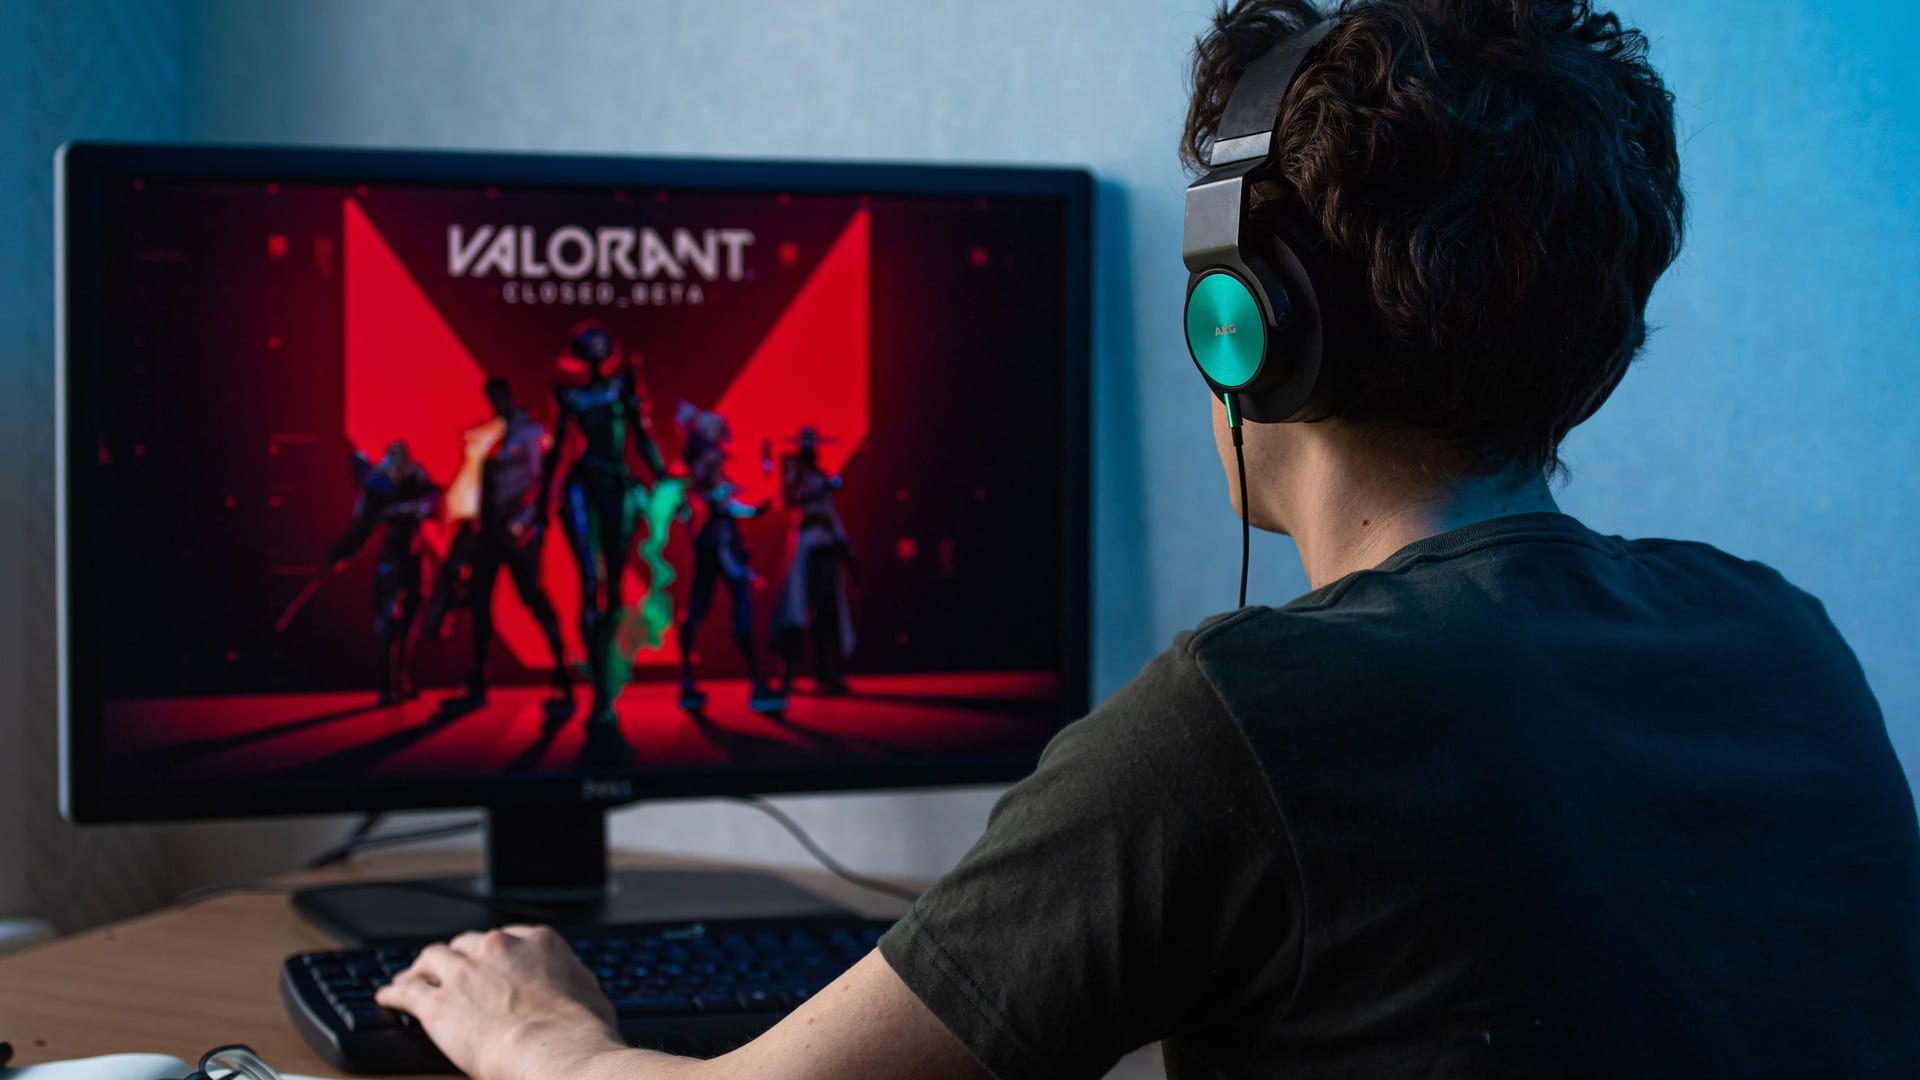 Valorant é uma boa opção entre os jogos de pc fraco. (Foto: Shutterstock)